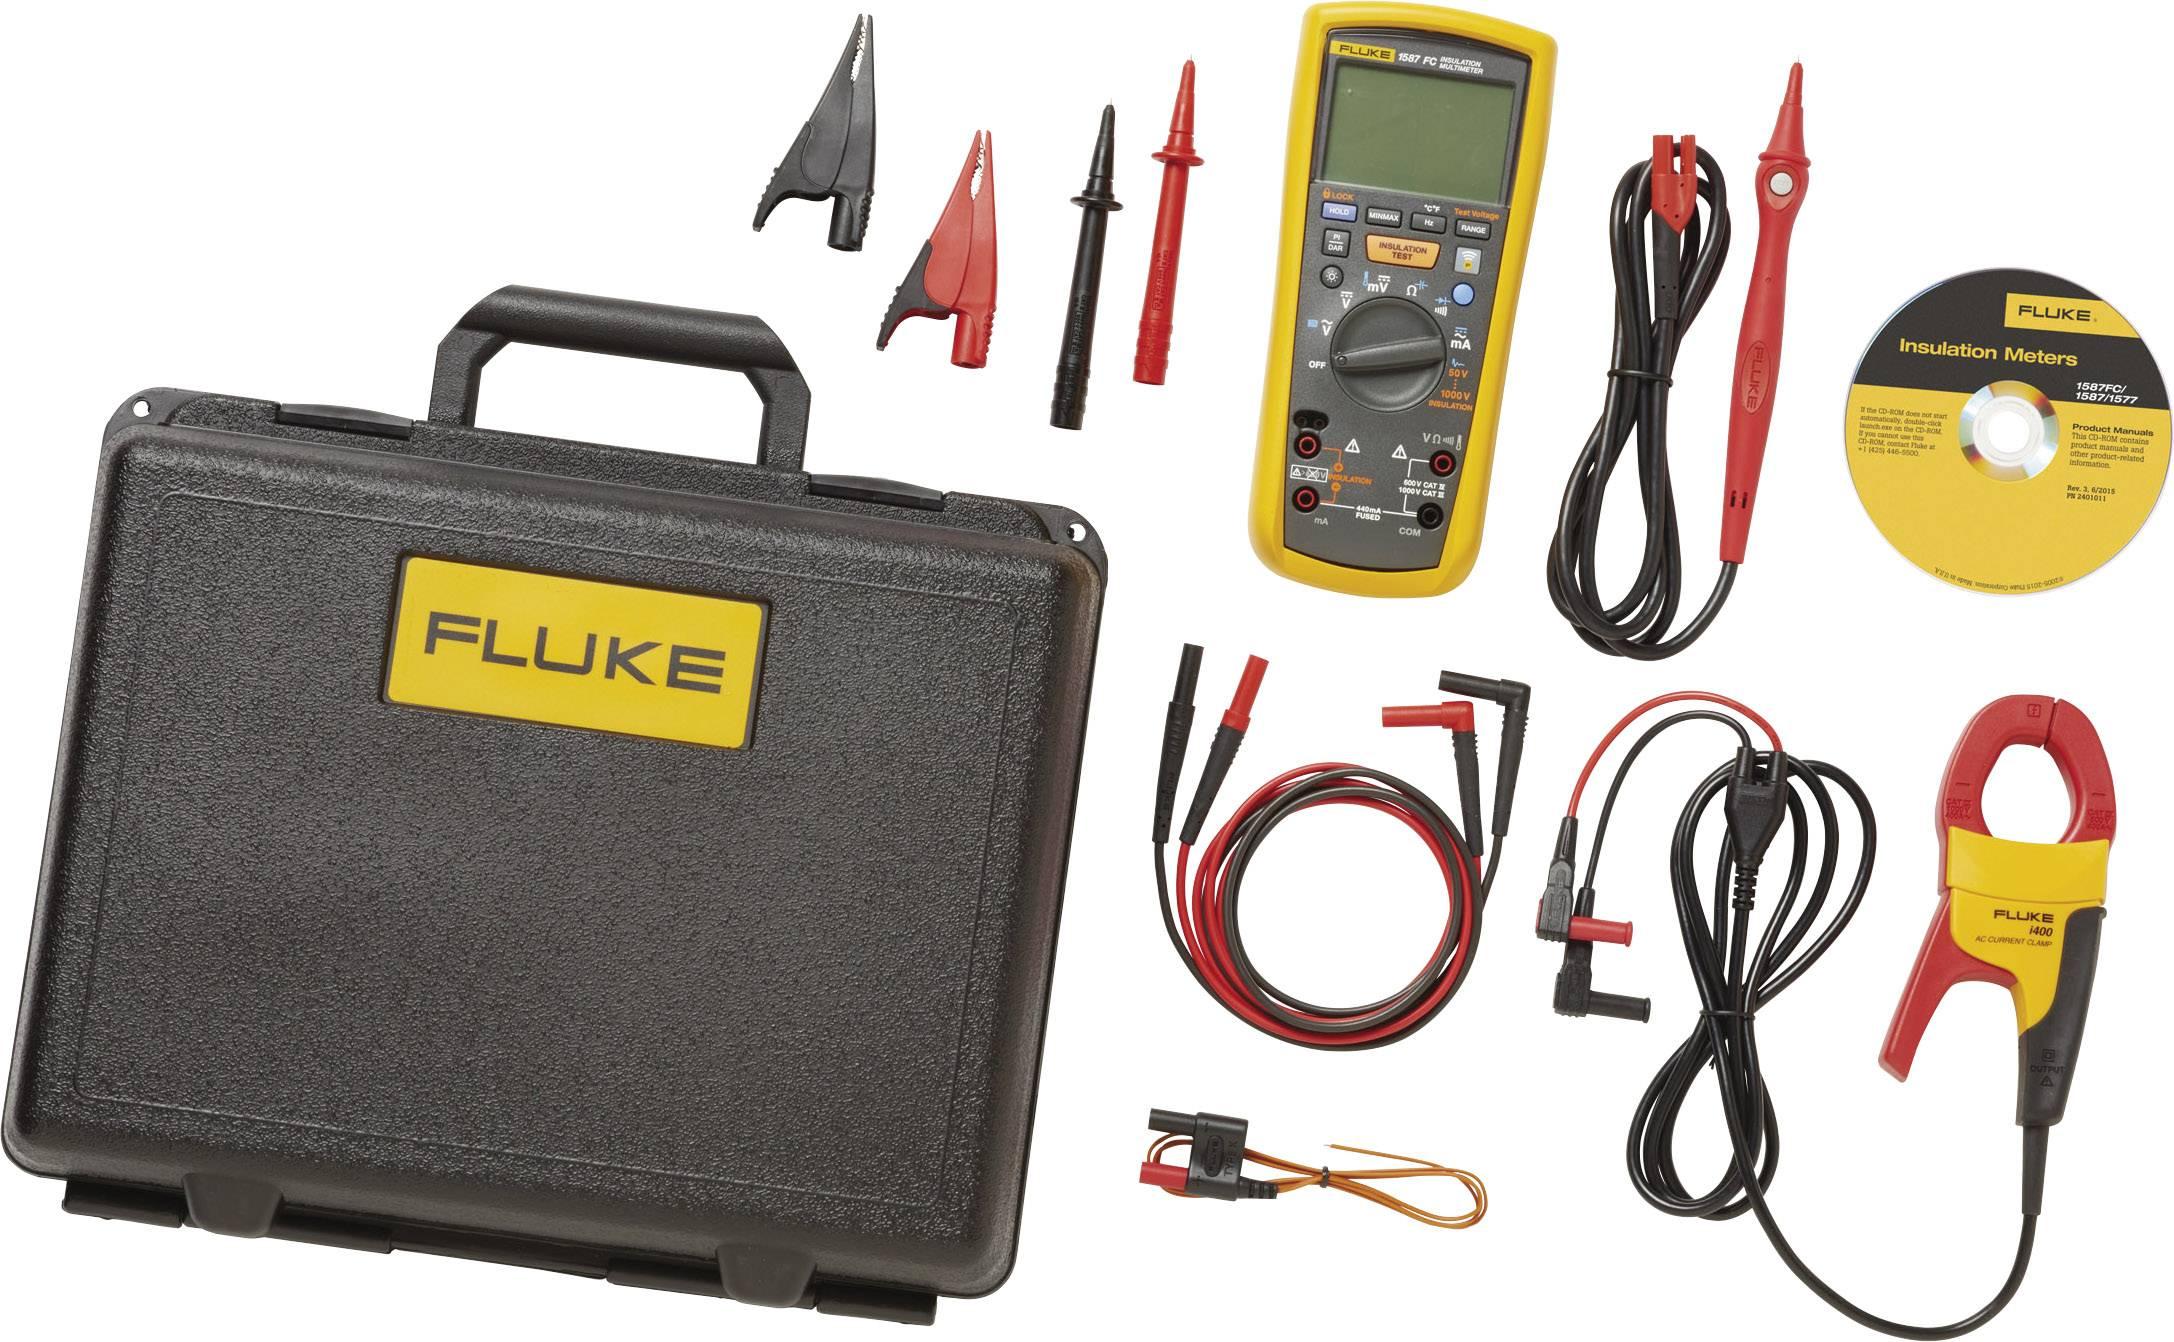 Sada multimetru Fluke s funkcí měření izolace Fluke 1587/I400 FC, Kalibrováno dle bez certifikátu